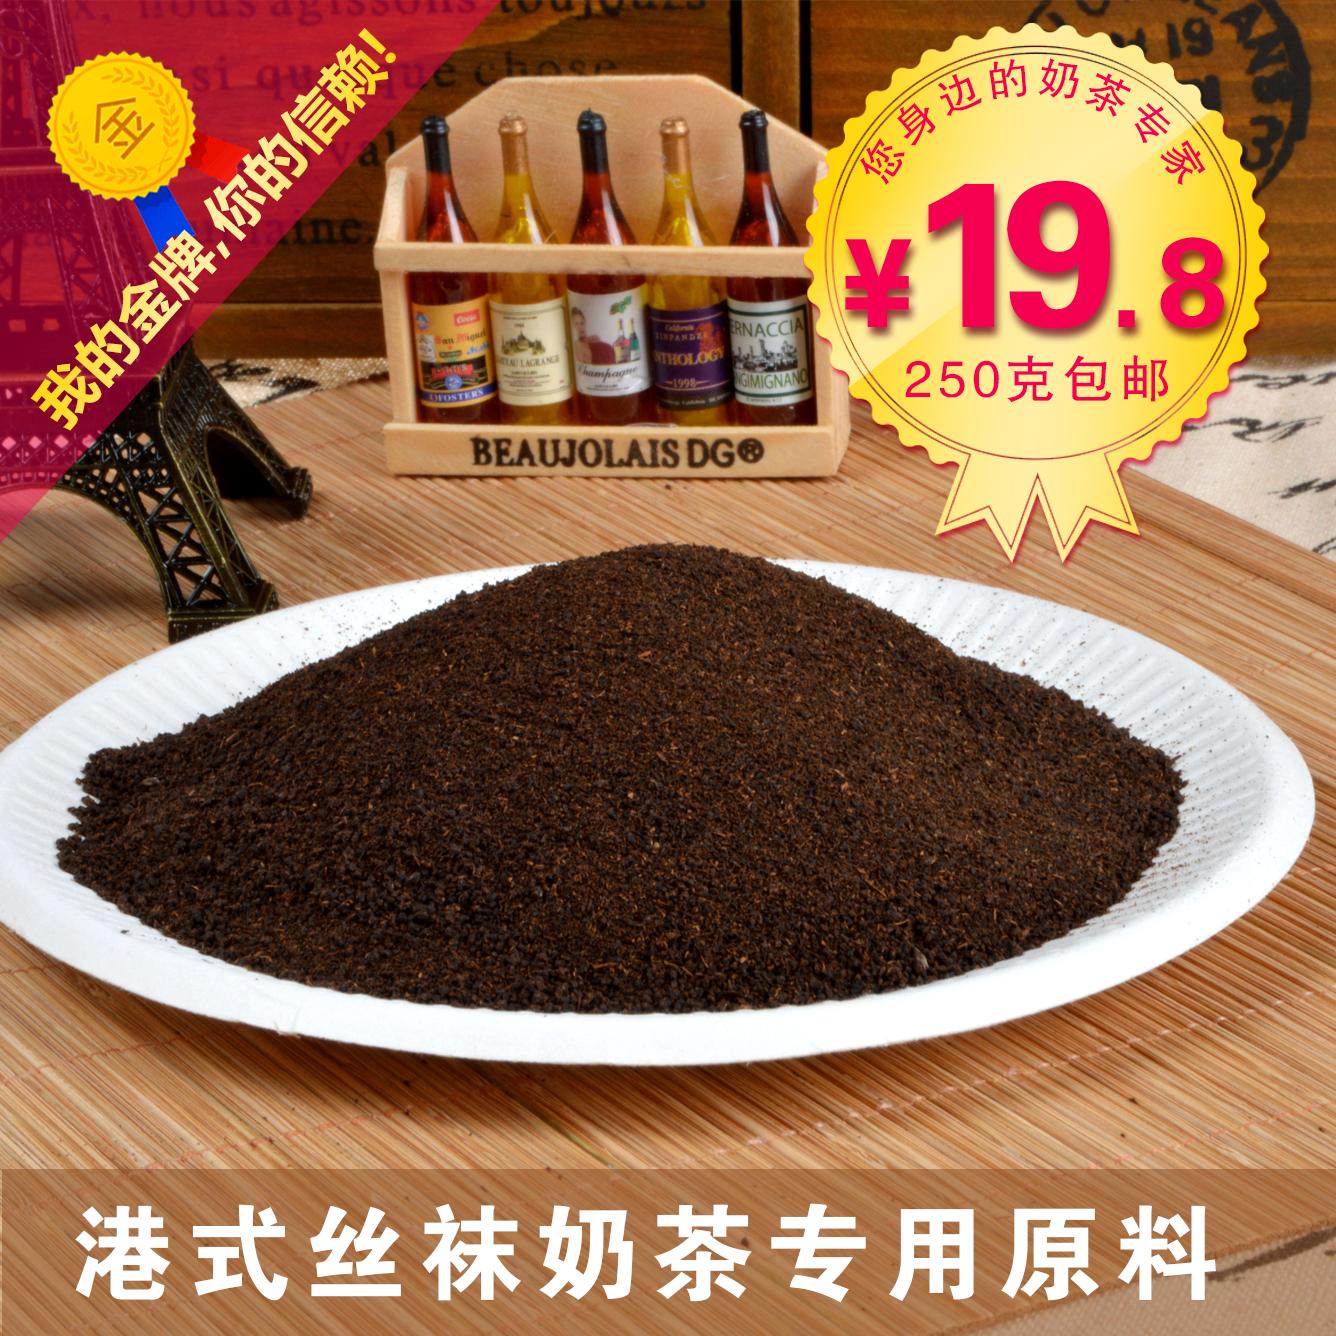 进口锡兰经典红茶粉港式丝袜奶茶ctc奶茶店专用原料250克装